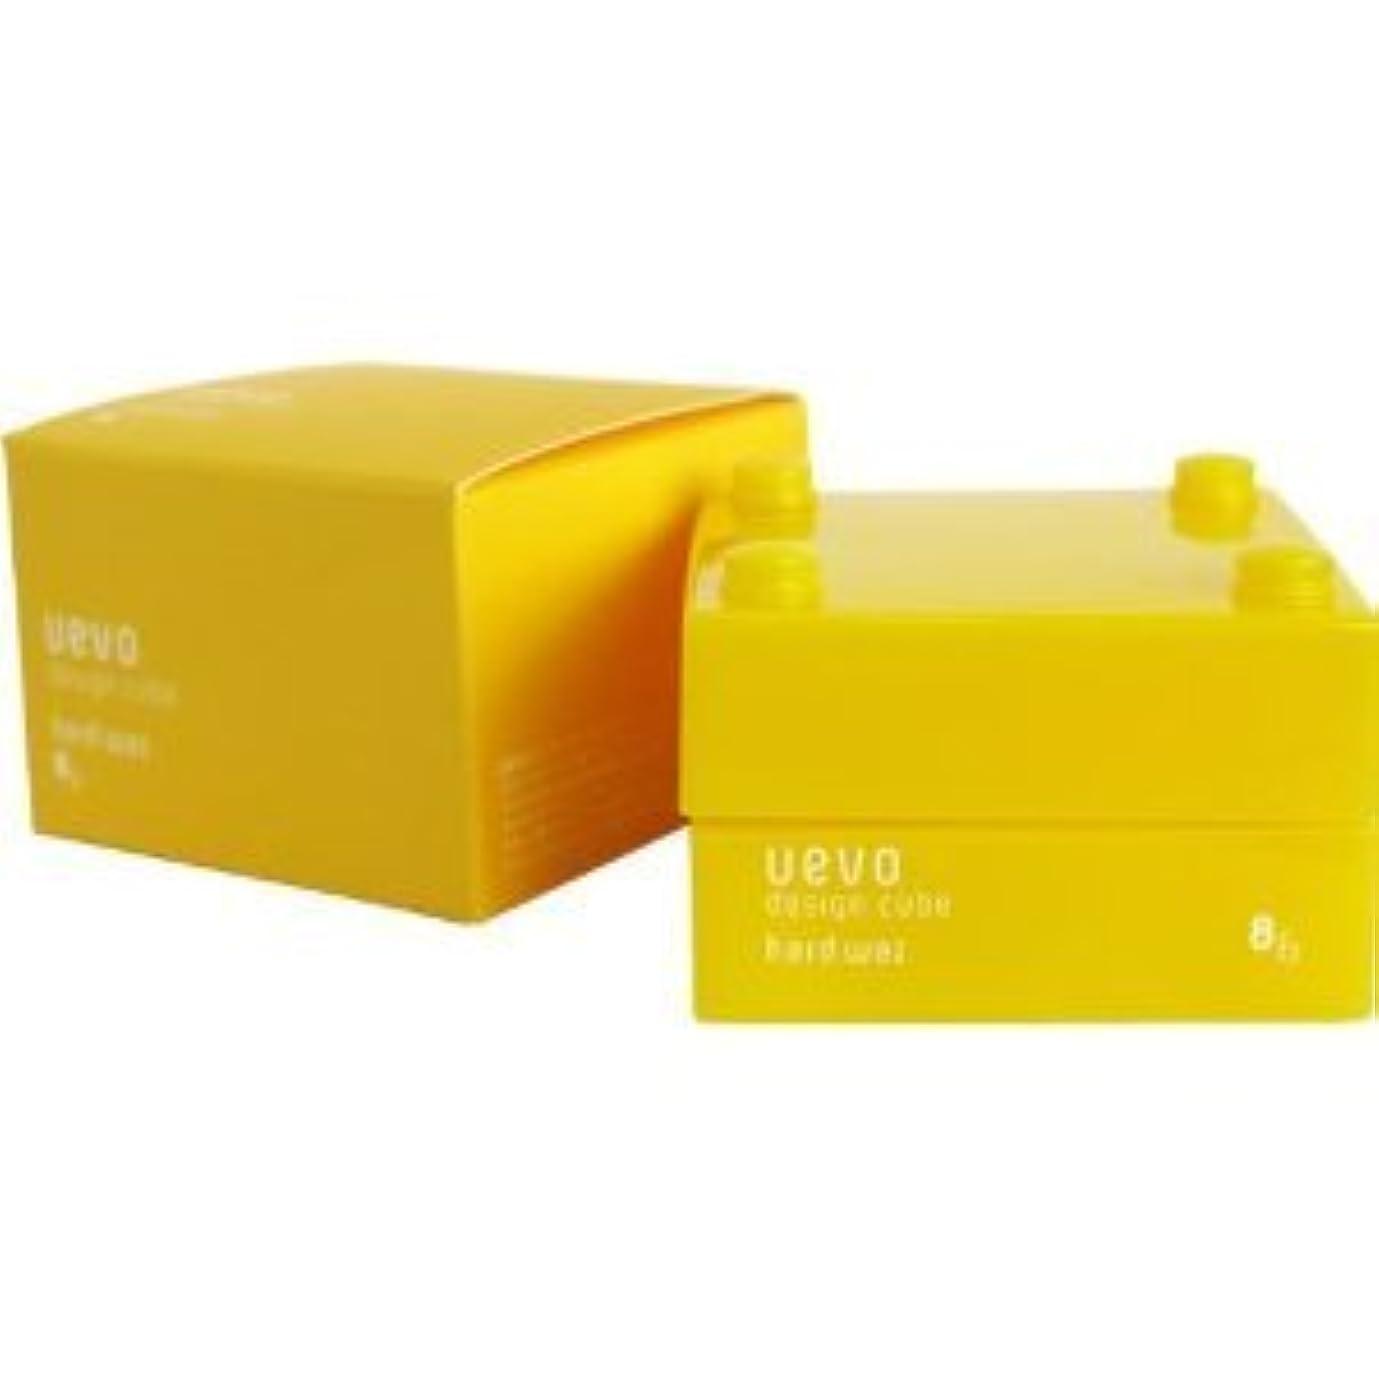 カール改善するおもちゃ【X2個セット】 デミ ウェーボ デザインキューブ ハードワックス 30g hard wax DEMI uevo design cube